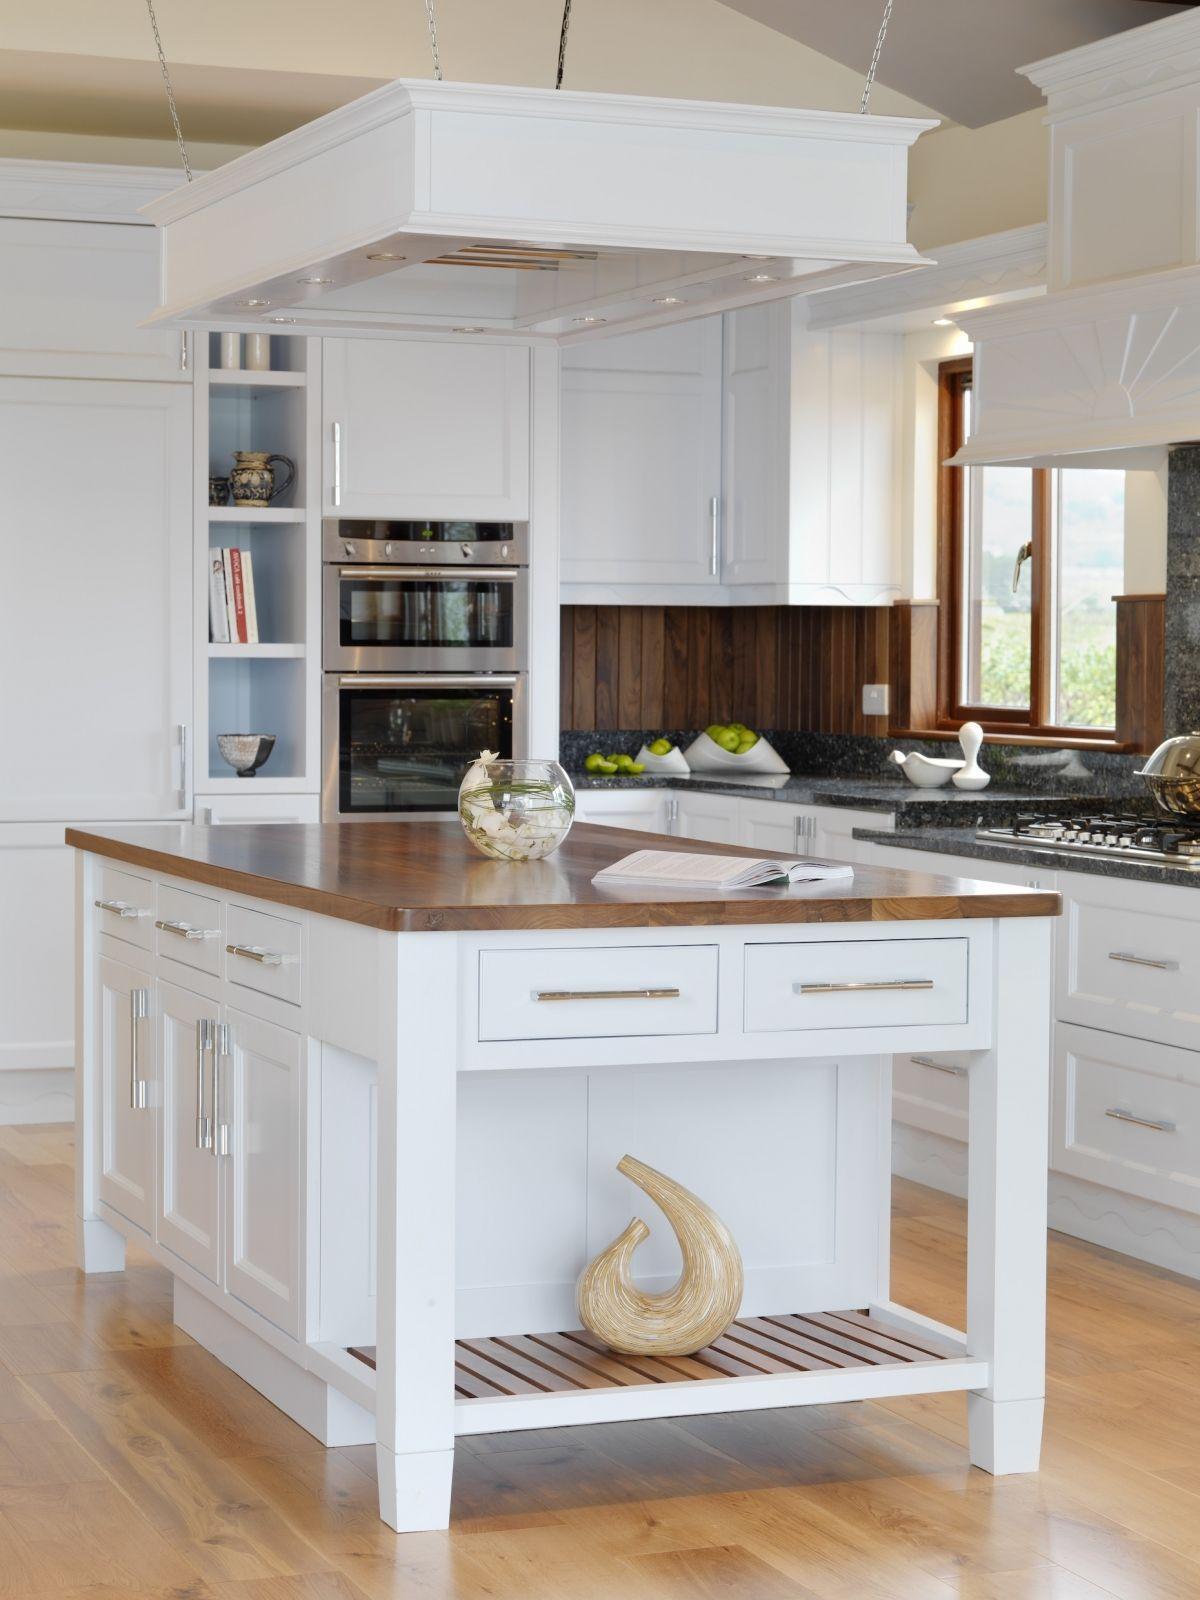 Neue Freistehende Küche Spüle Küchen Sind Sie gelangweilt mit dem ...